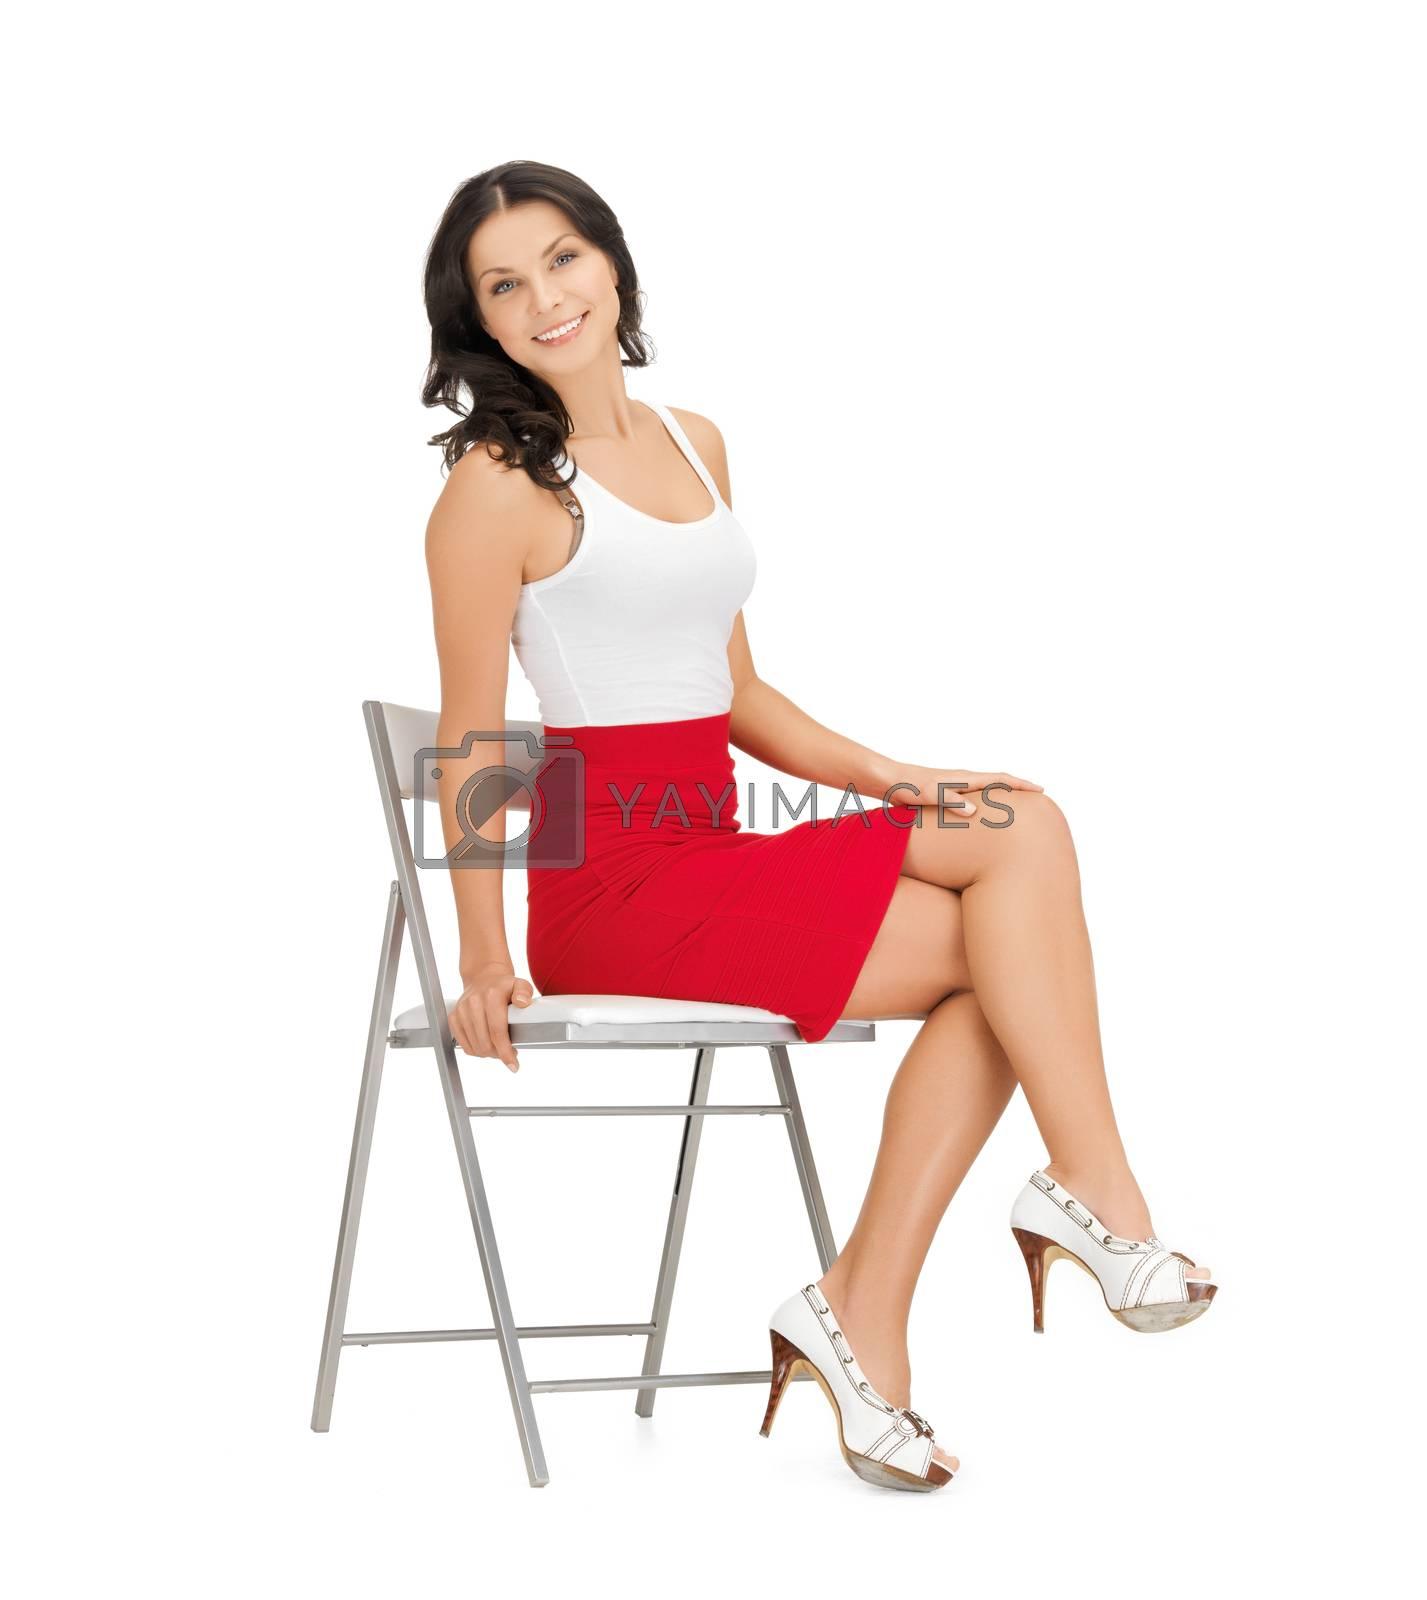 woman sitting on chair by dolgachov